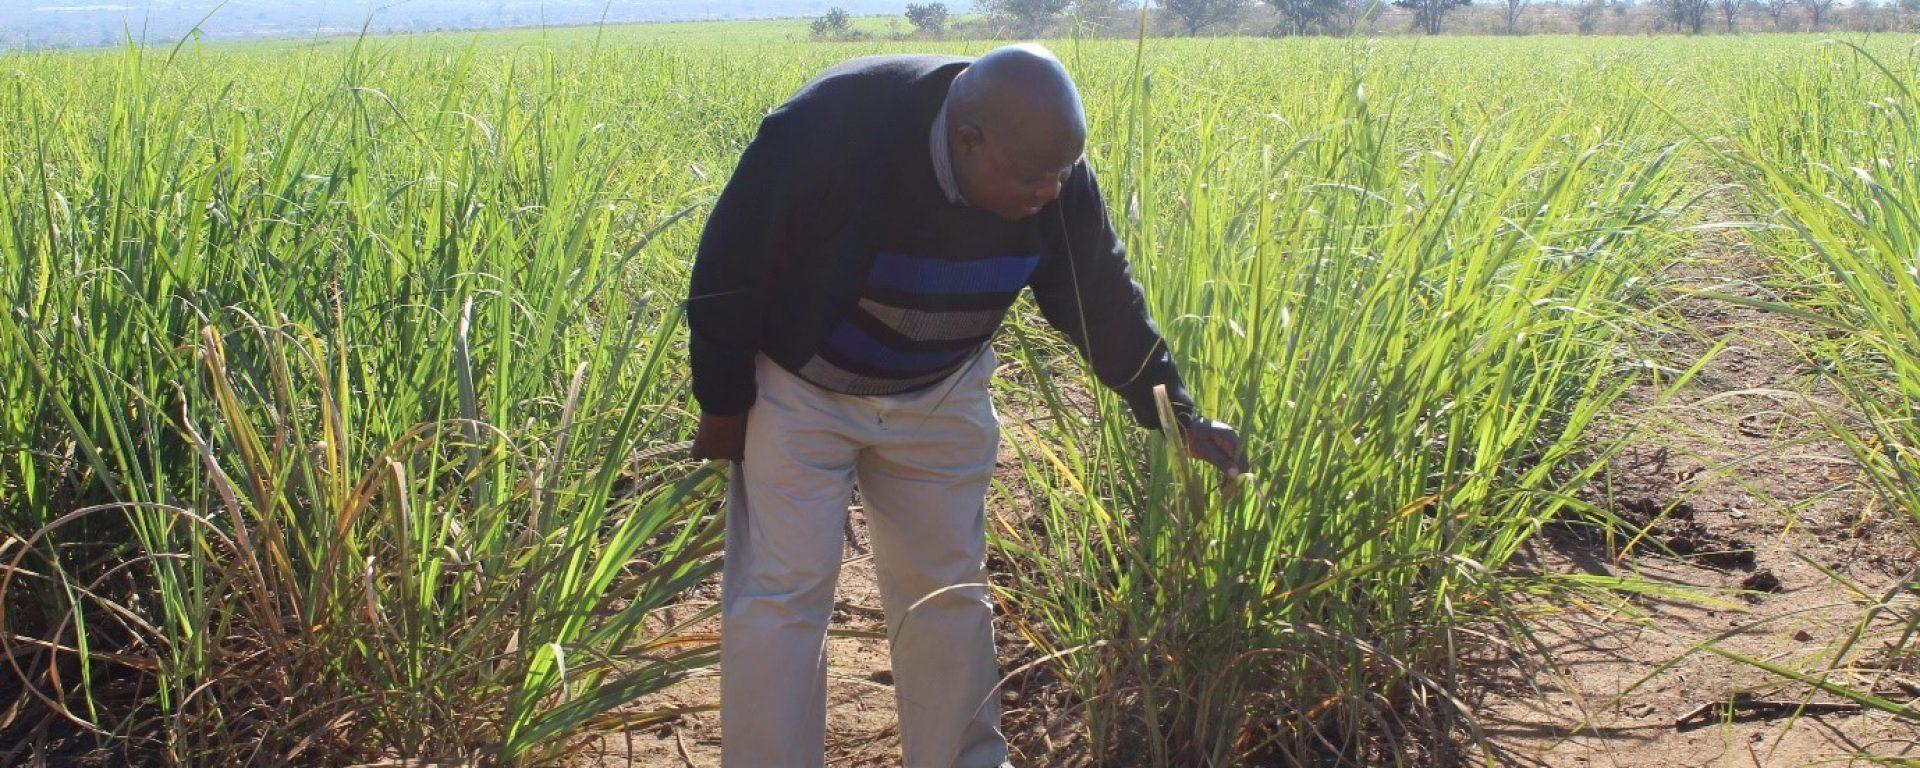 Dicks Mathebula pic 2of 2nd Story (Mpumalanga)